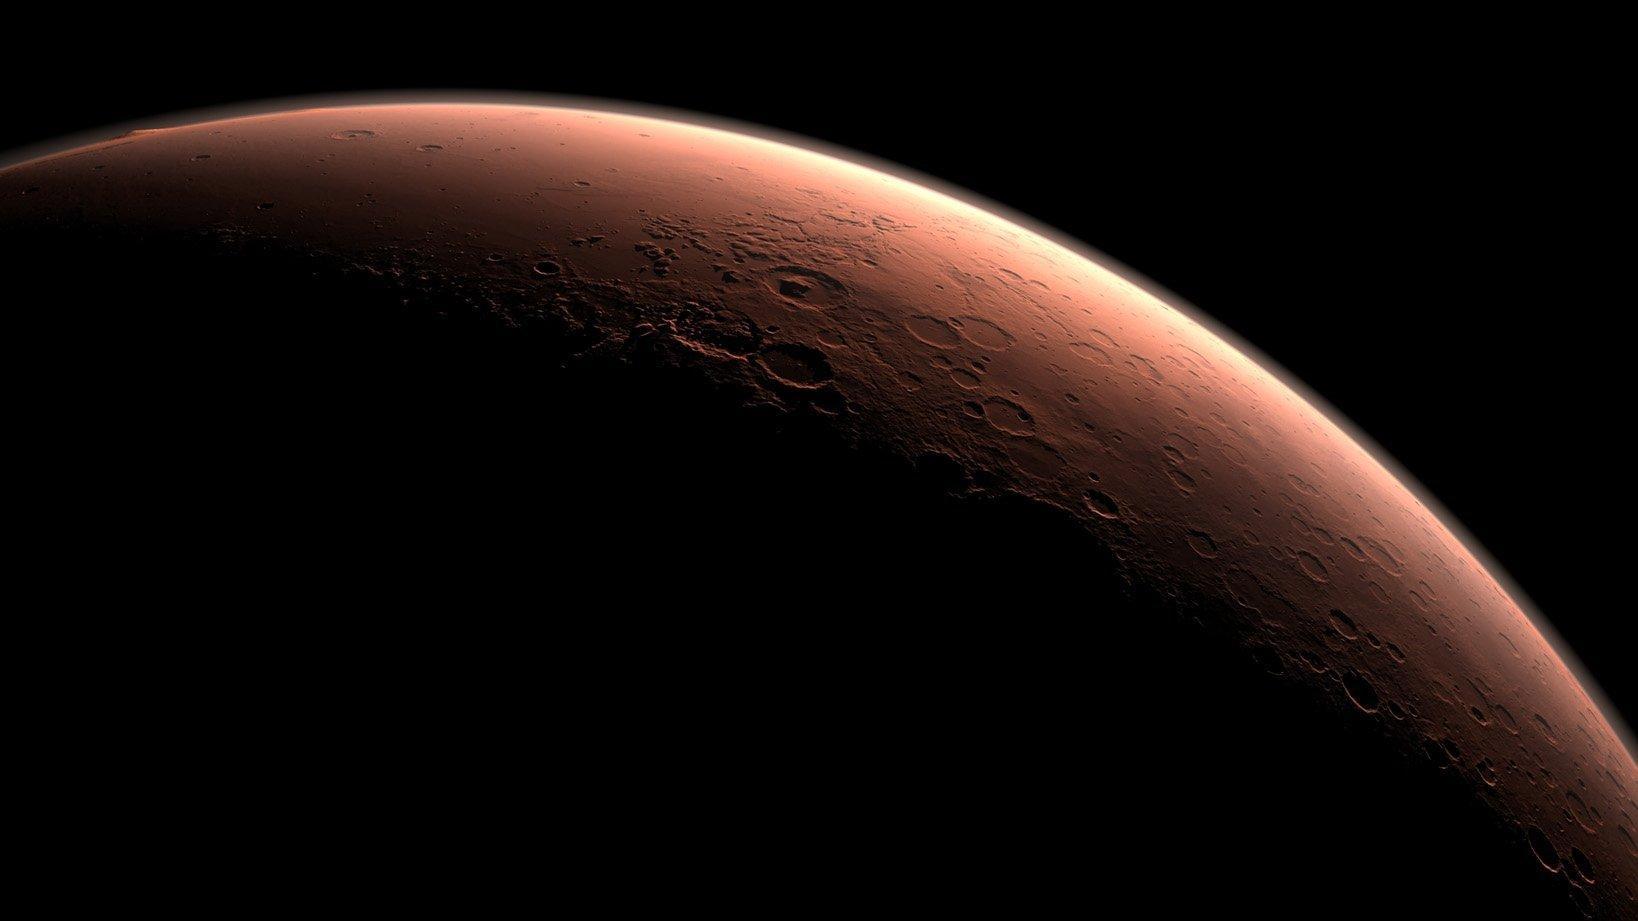 Grafik von Marssichel im Gegenlicht